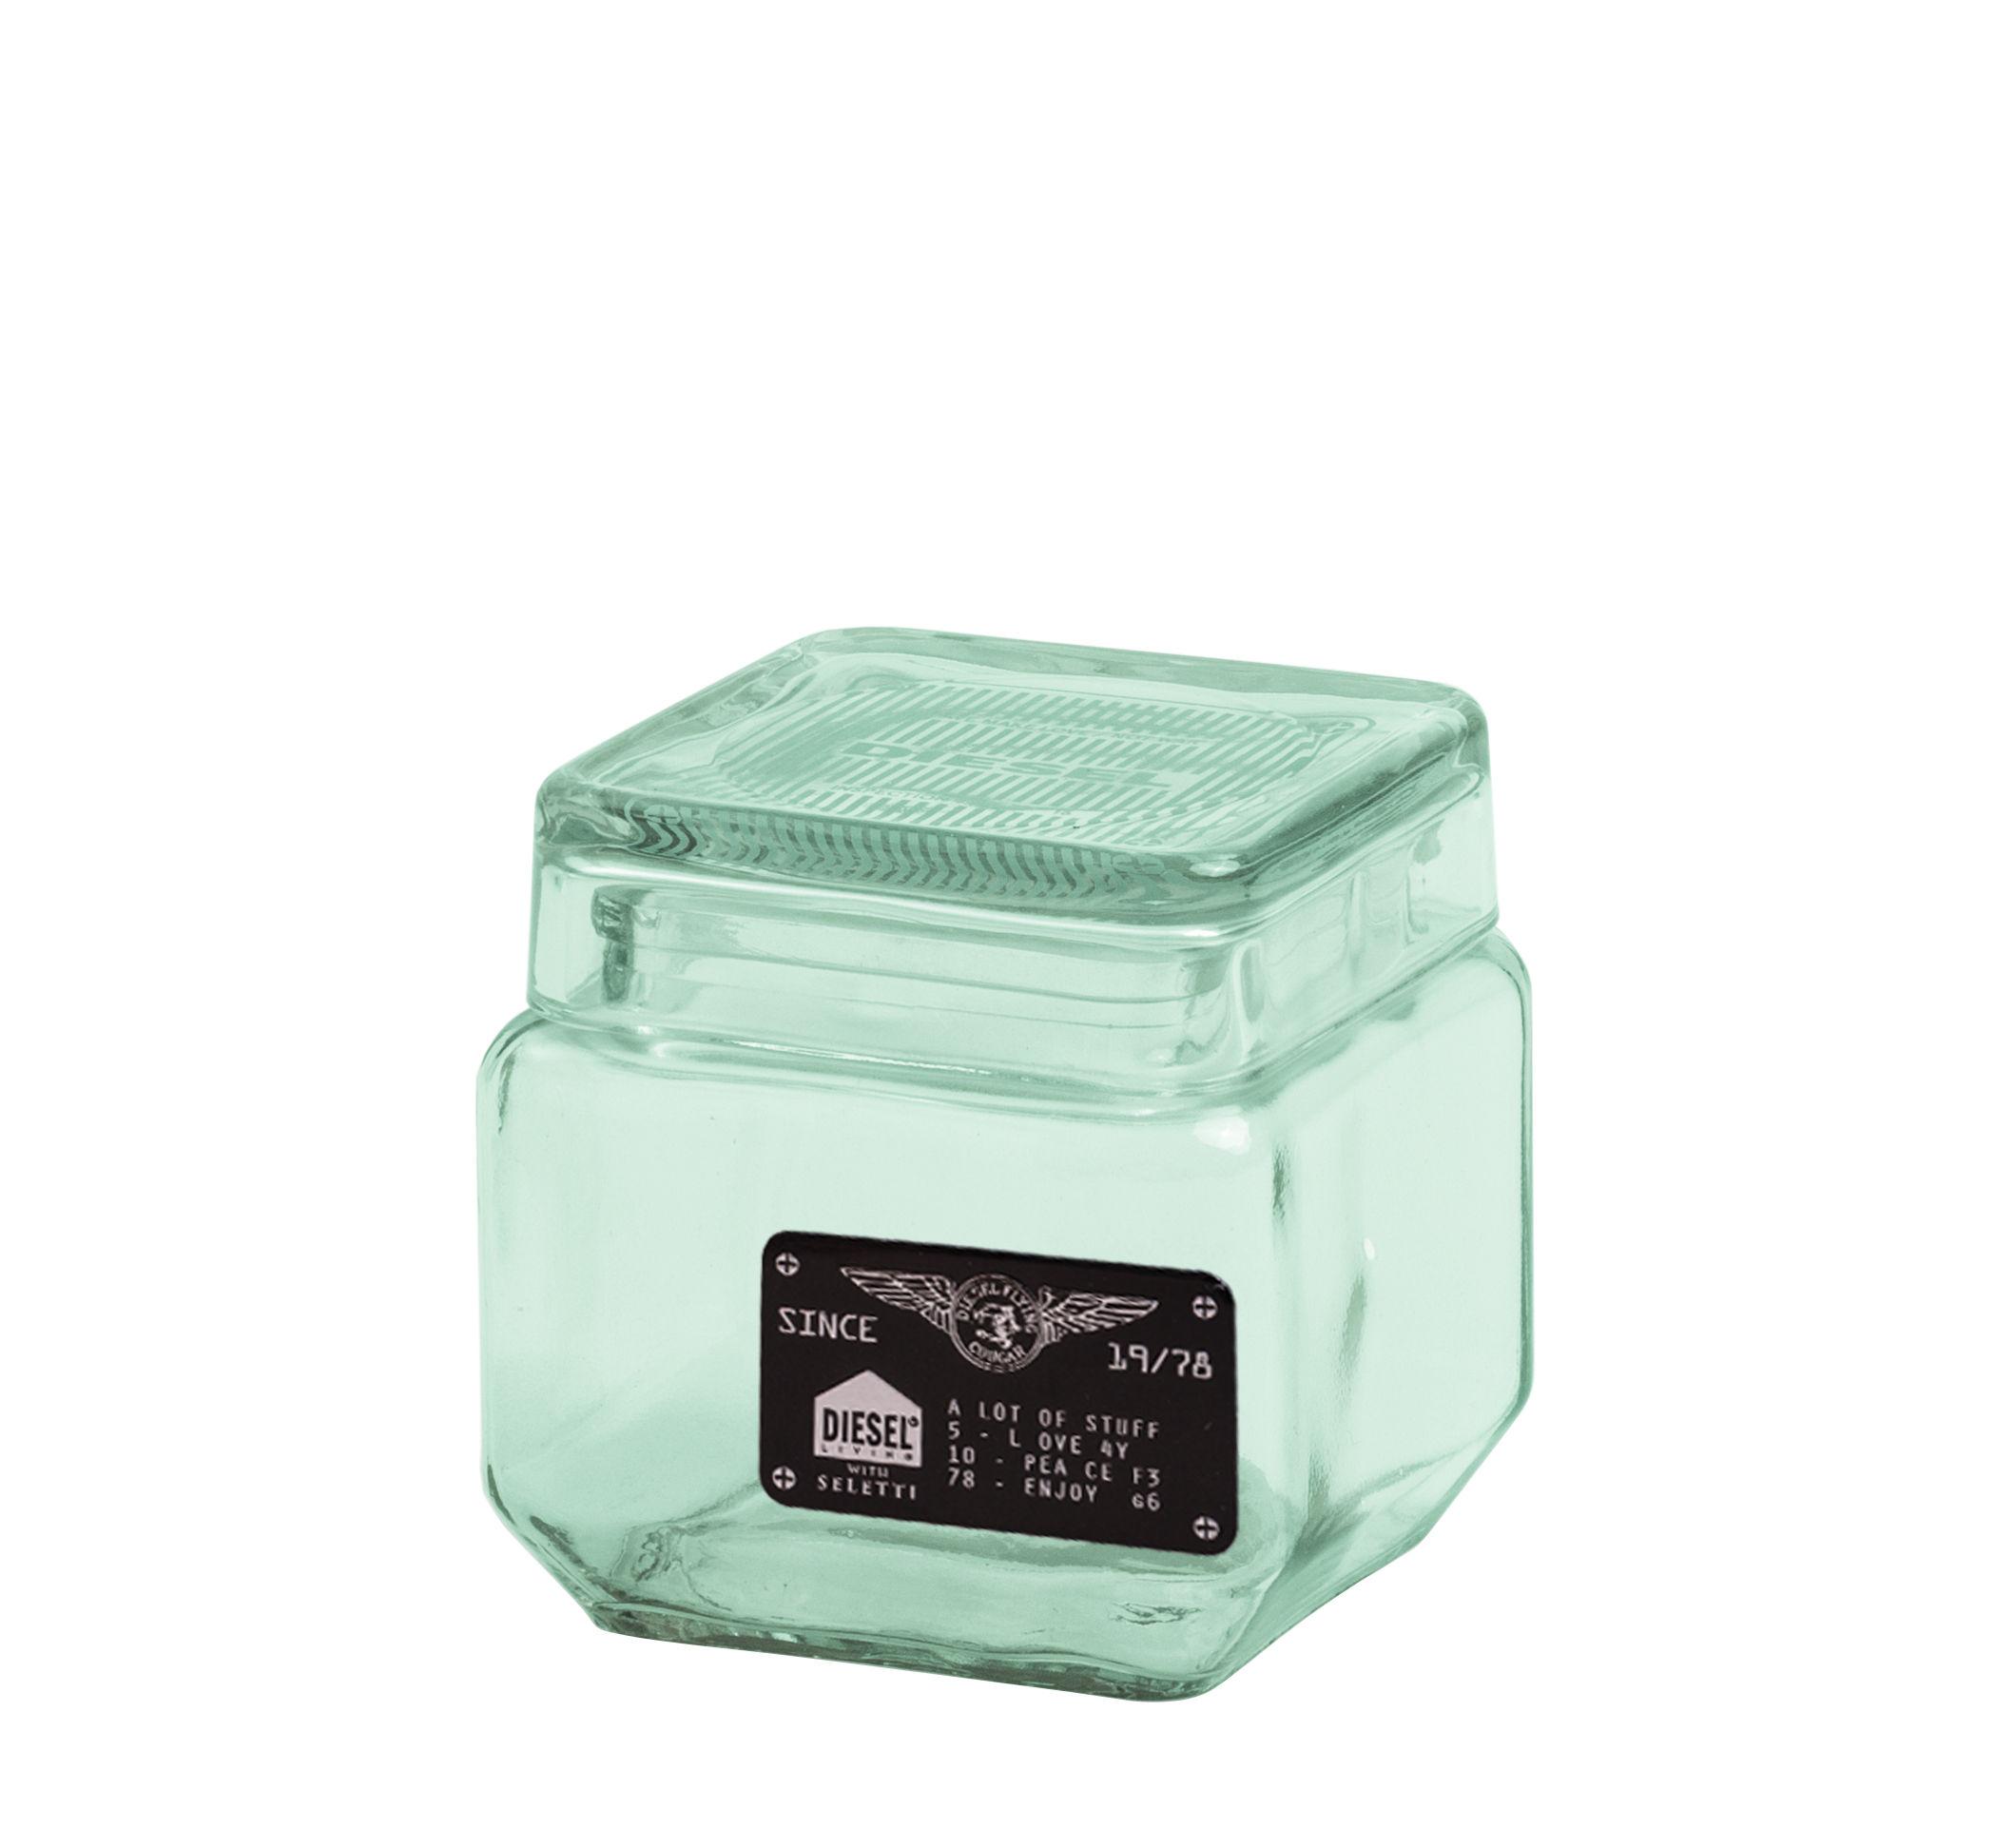 Cuisine - Boîtes, pots et bocaux - Pot Industrial Glass / Verre - L 11 x H 11 cm - Diesel living with Seletti - Small / Vert transparent - Verre